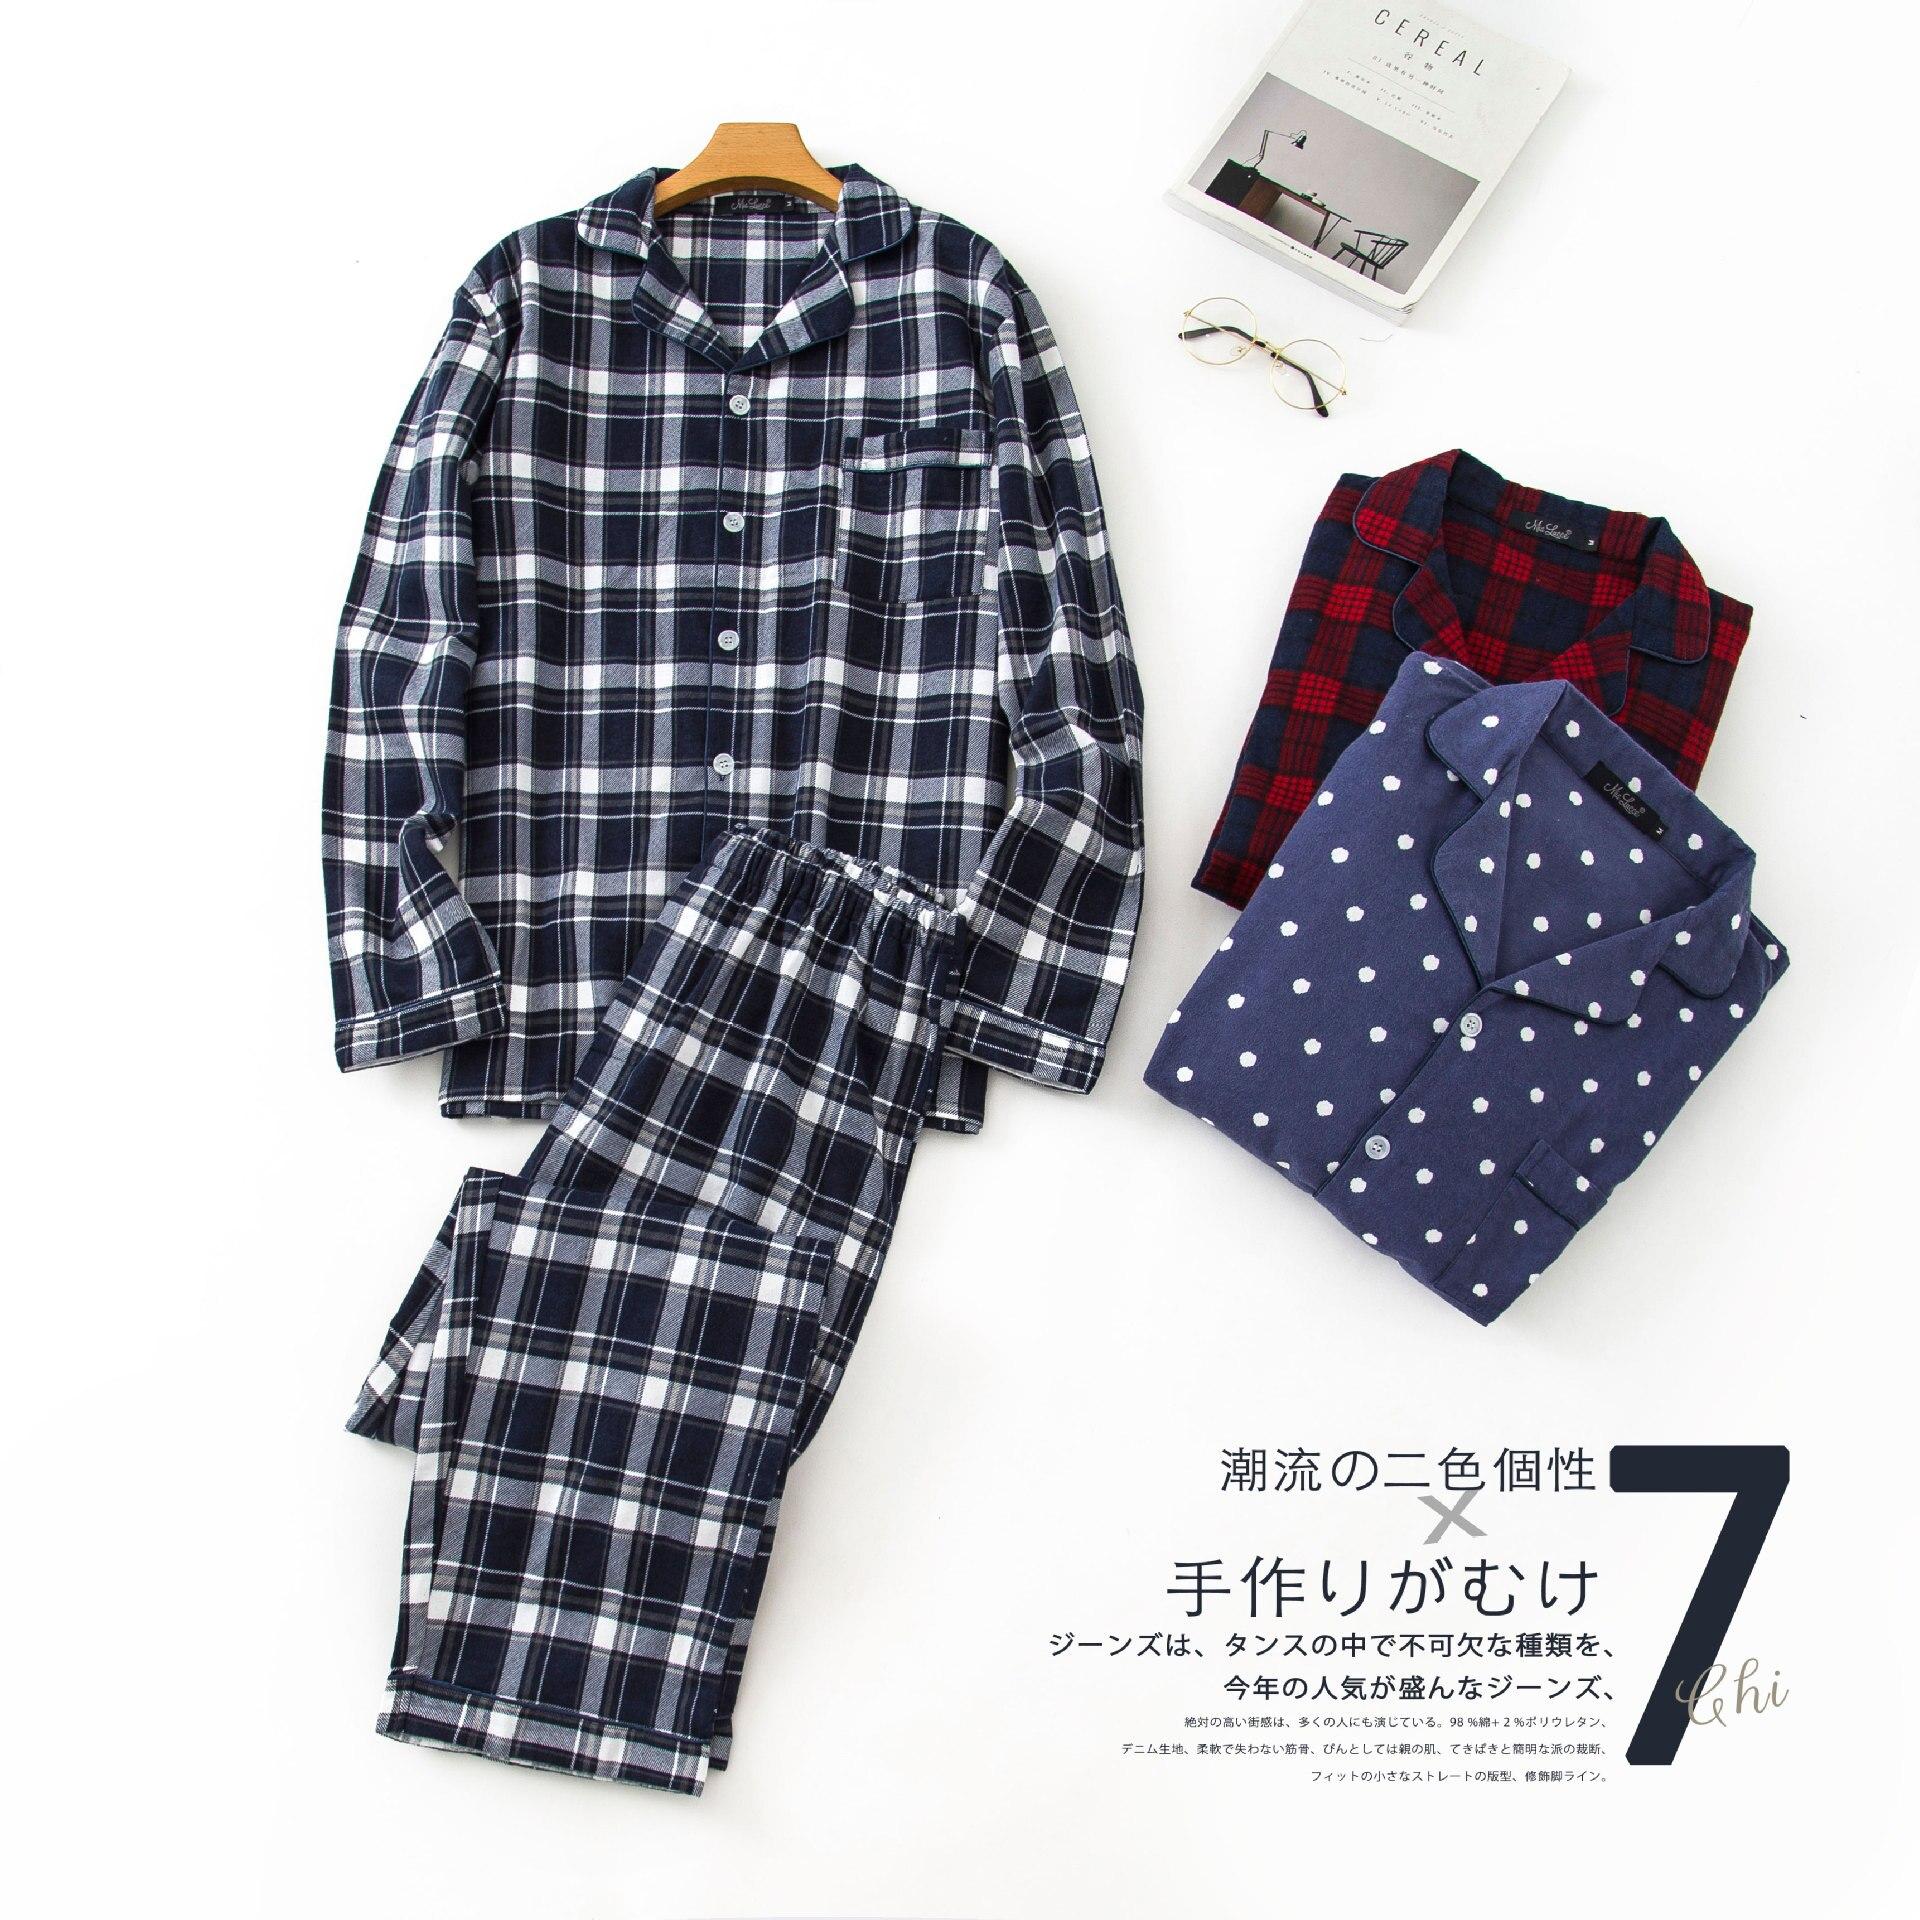 Autumn Winter Men 100%Cotton Pajamas Plaid Long-Sleeved Homewear Trousers Flannel Sleepwear Suit Long Loose Nightwear